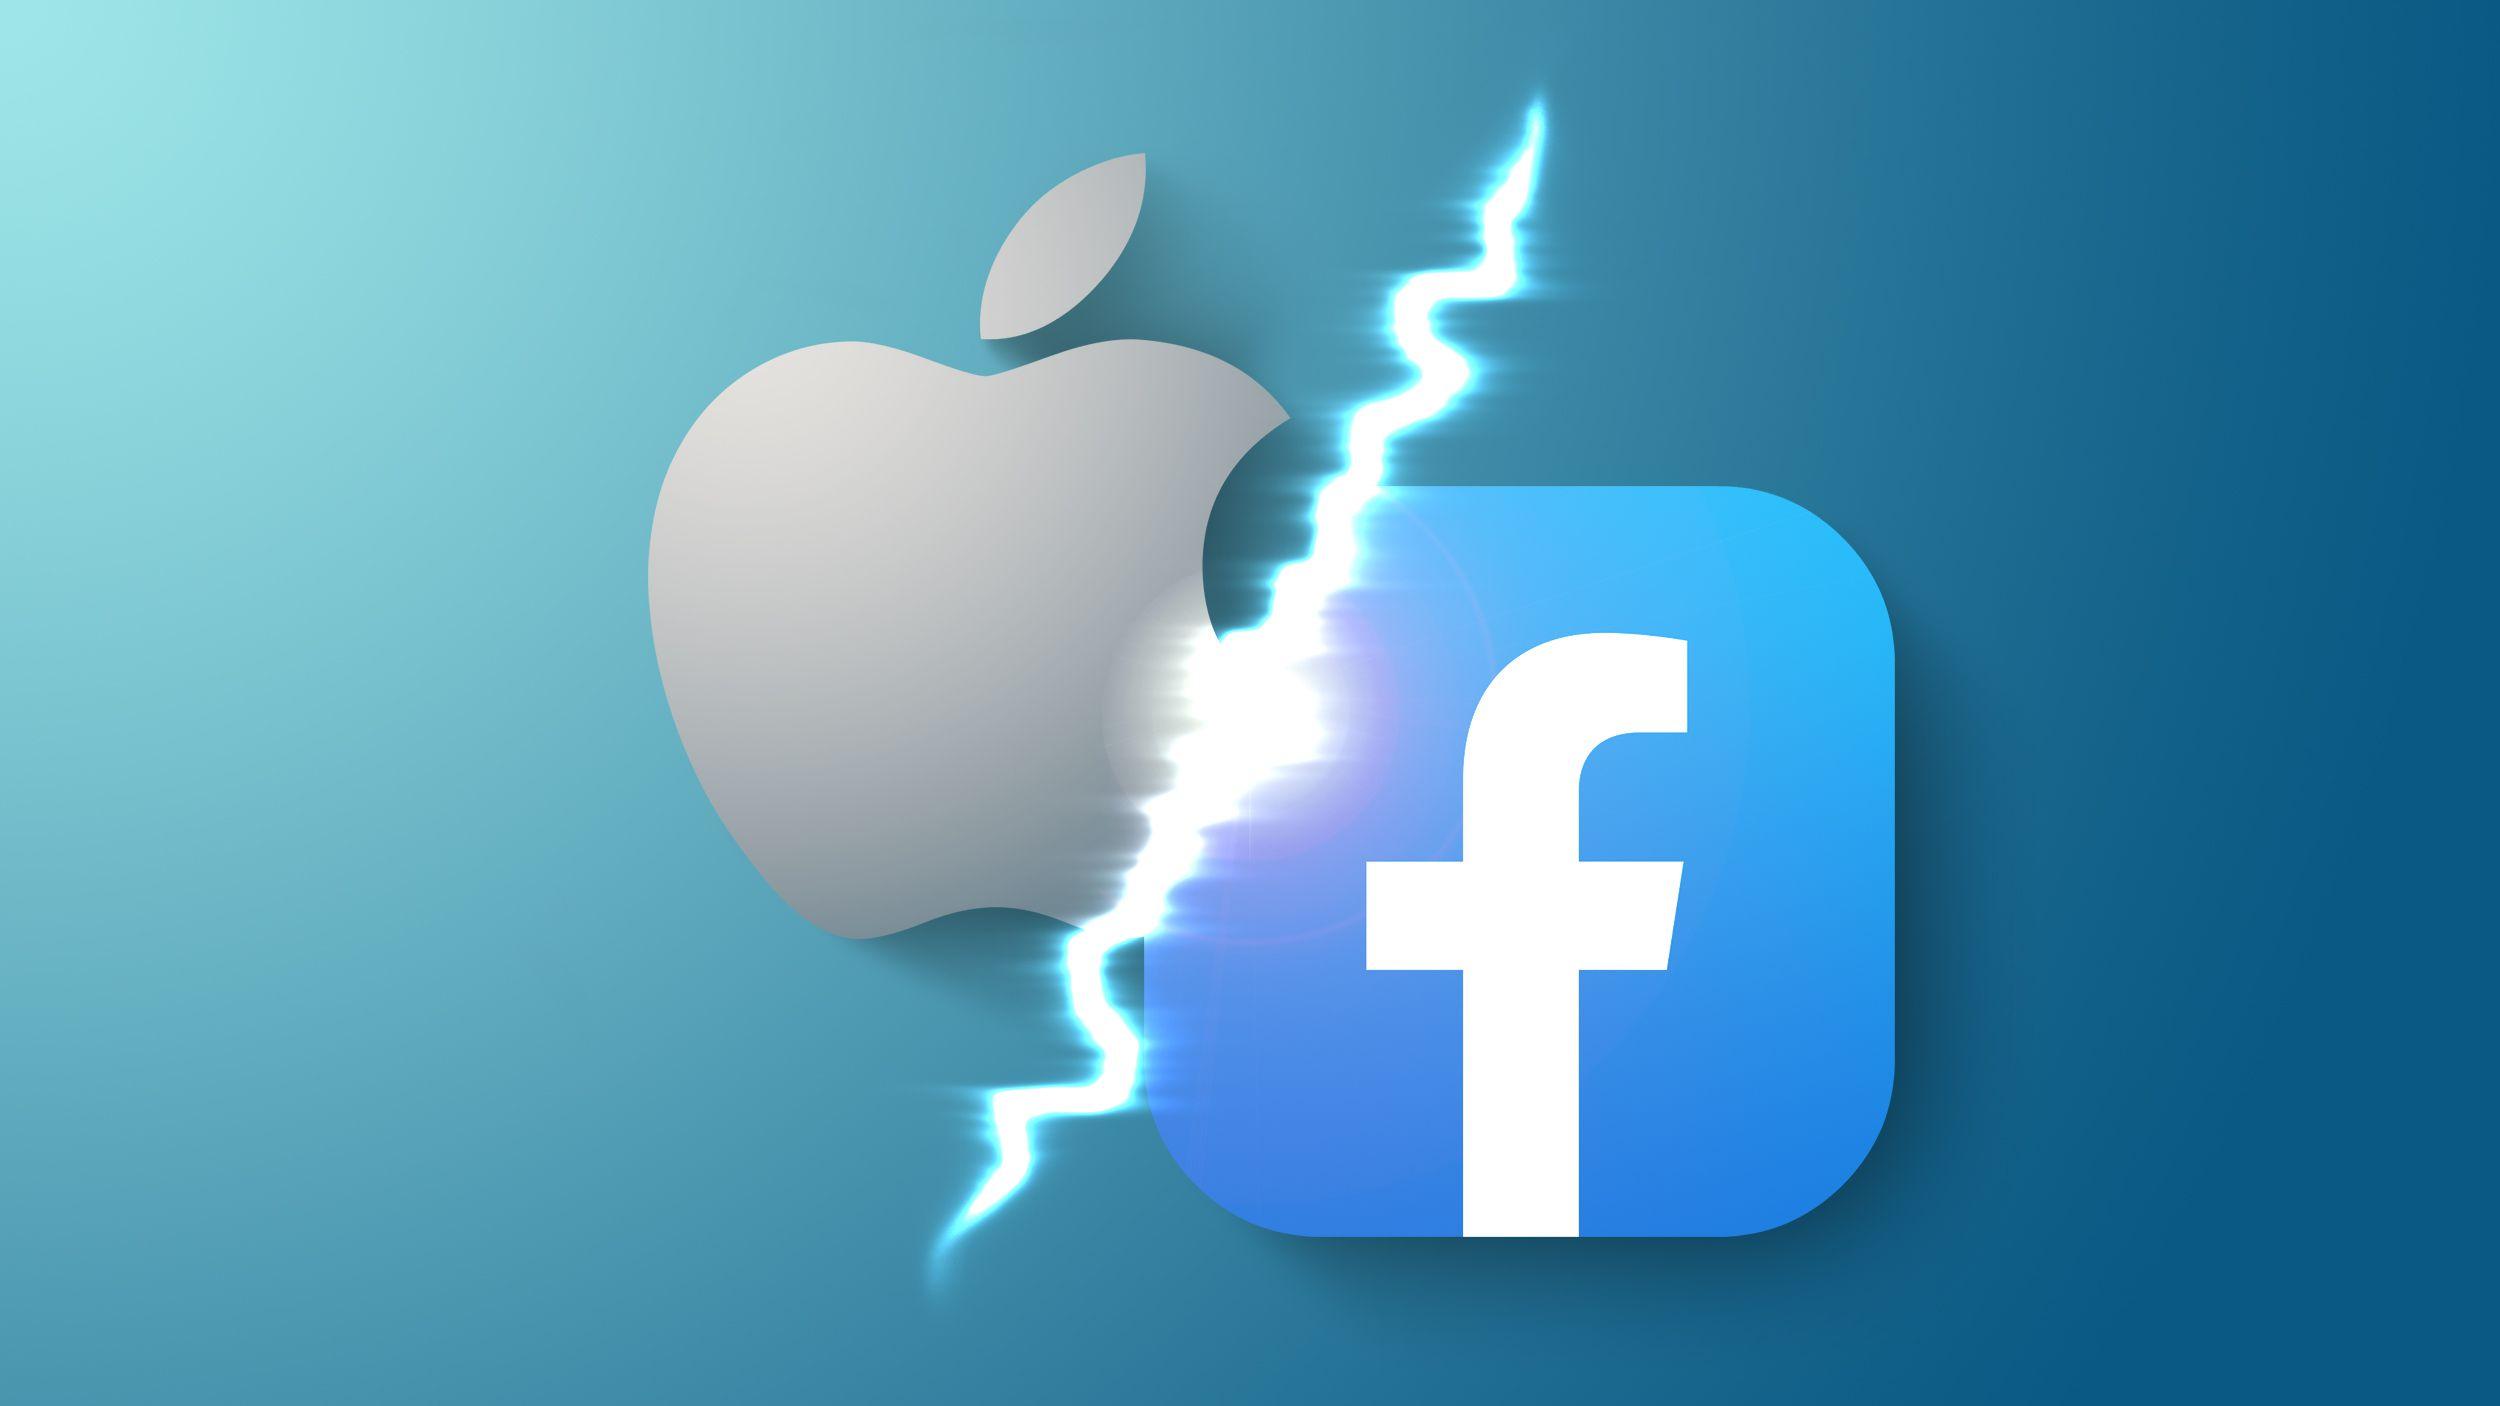 Apple FB पेज से ब्लू टिक हटाने पर कंपनी ने कहा...